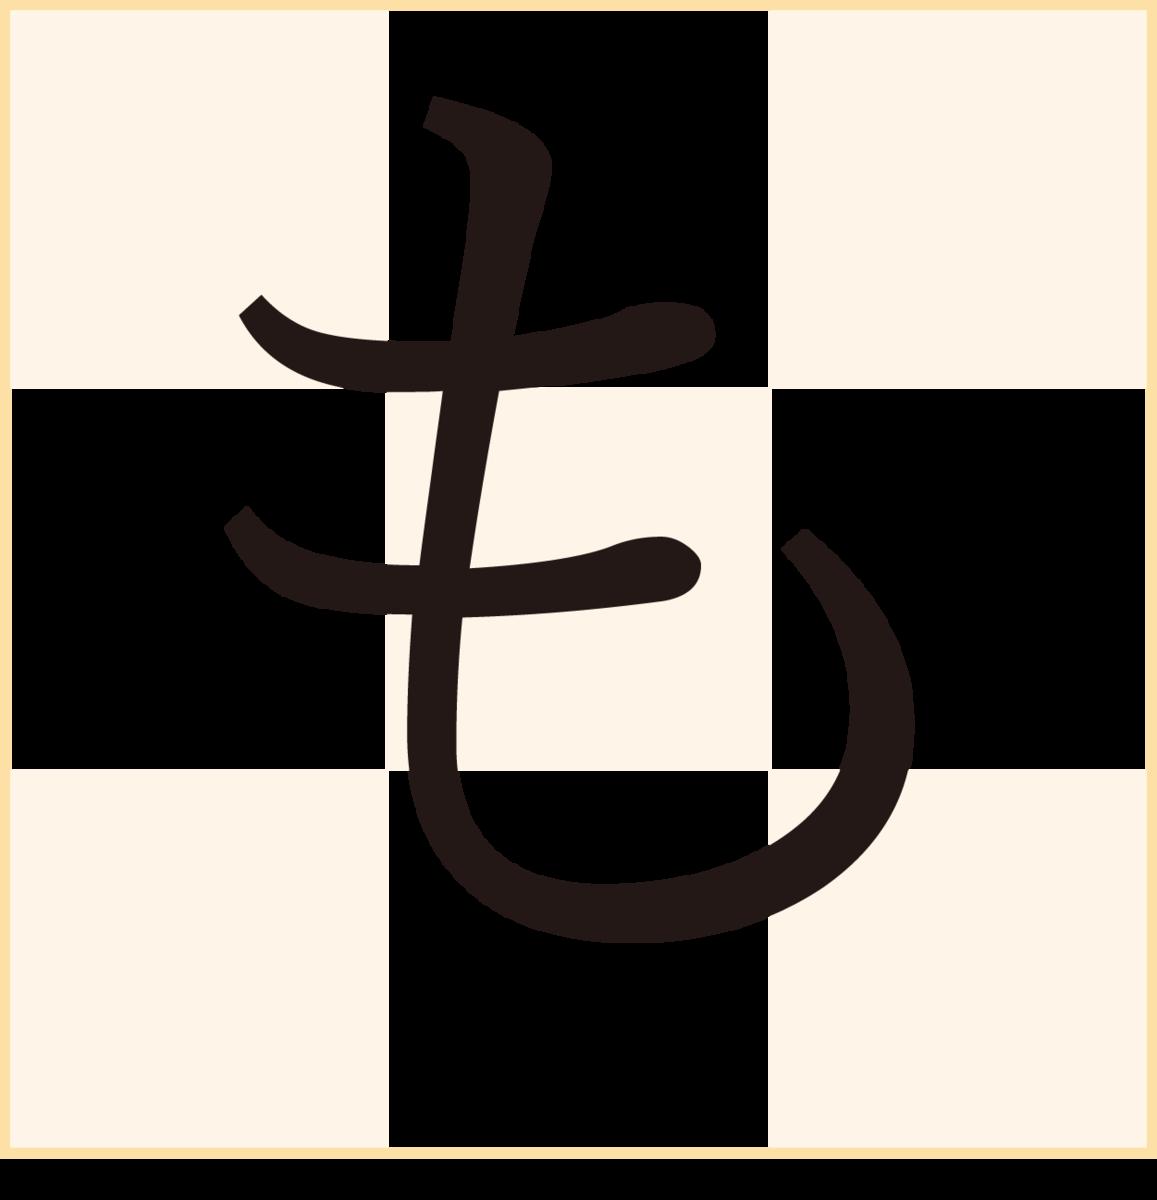 f:id:mojiru:20190516095159p:plain